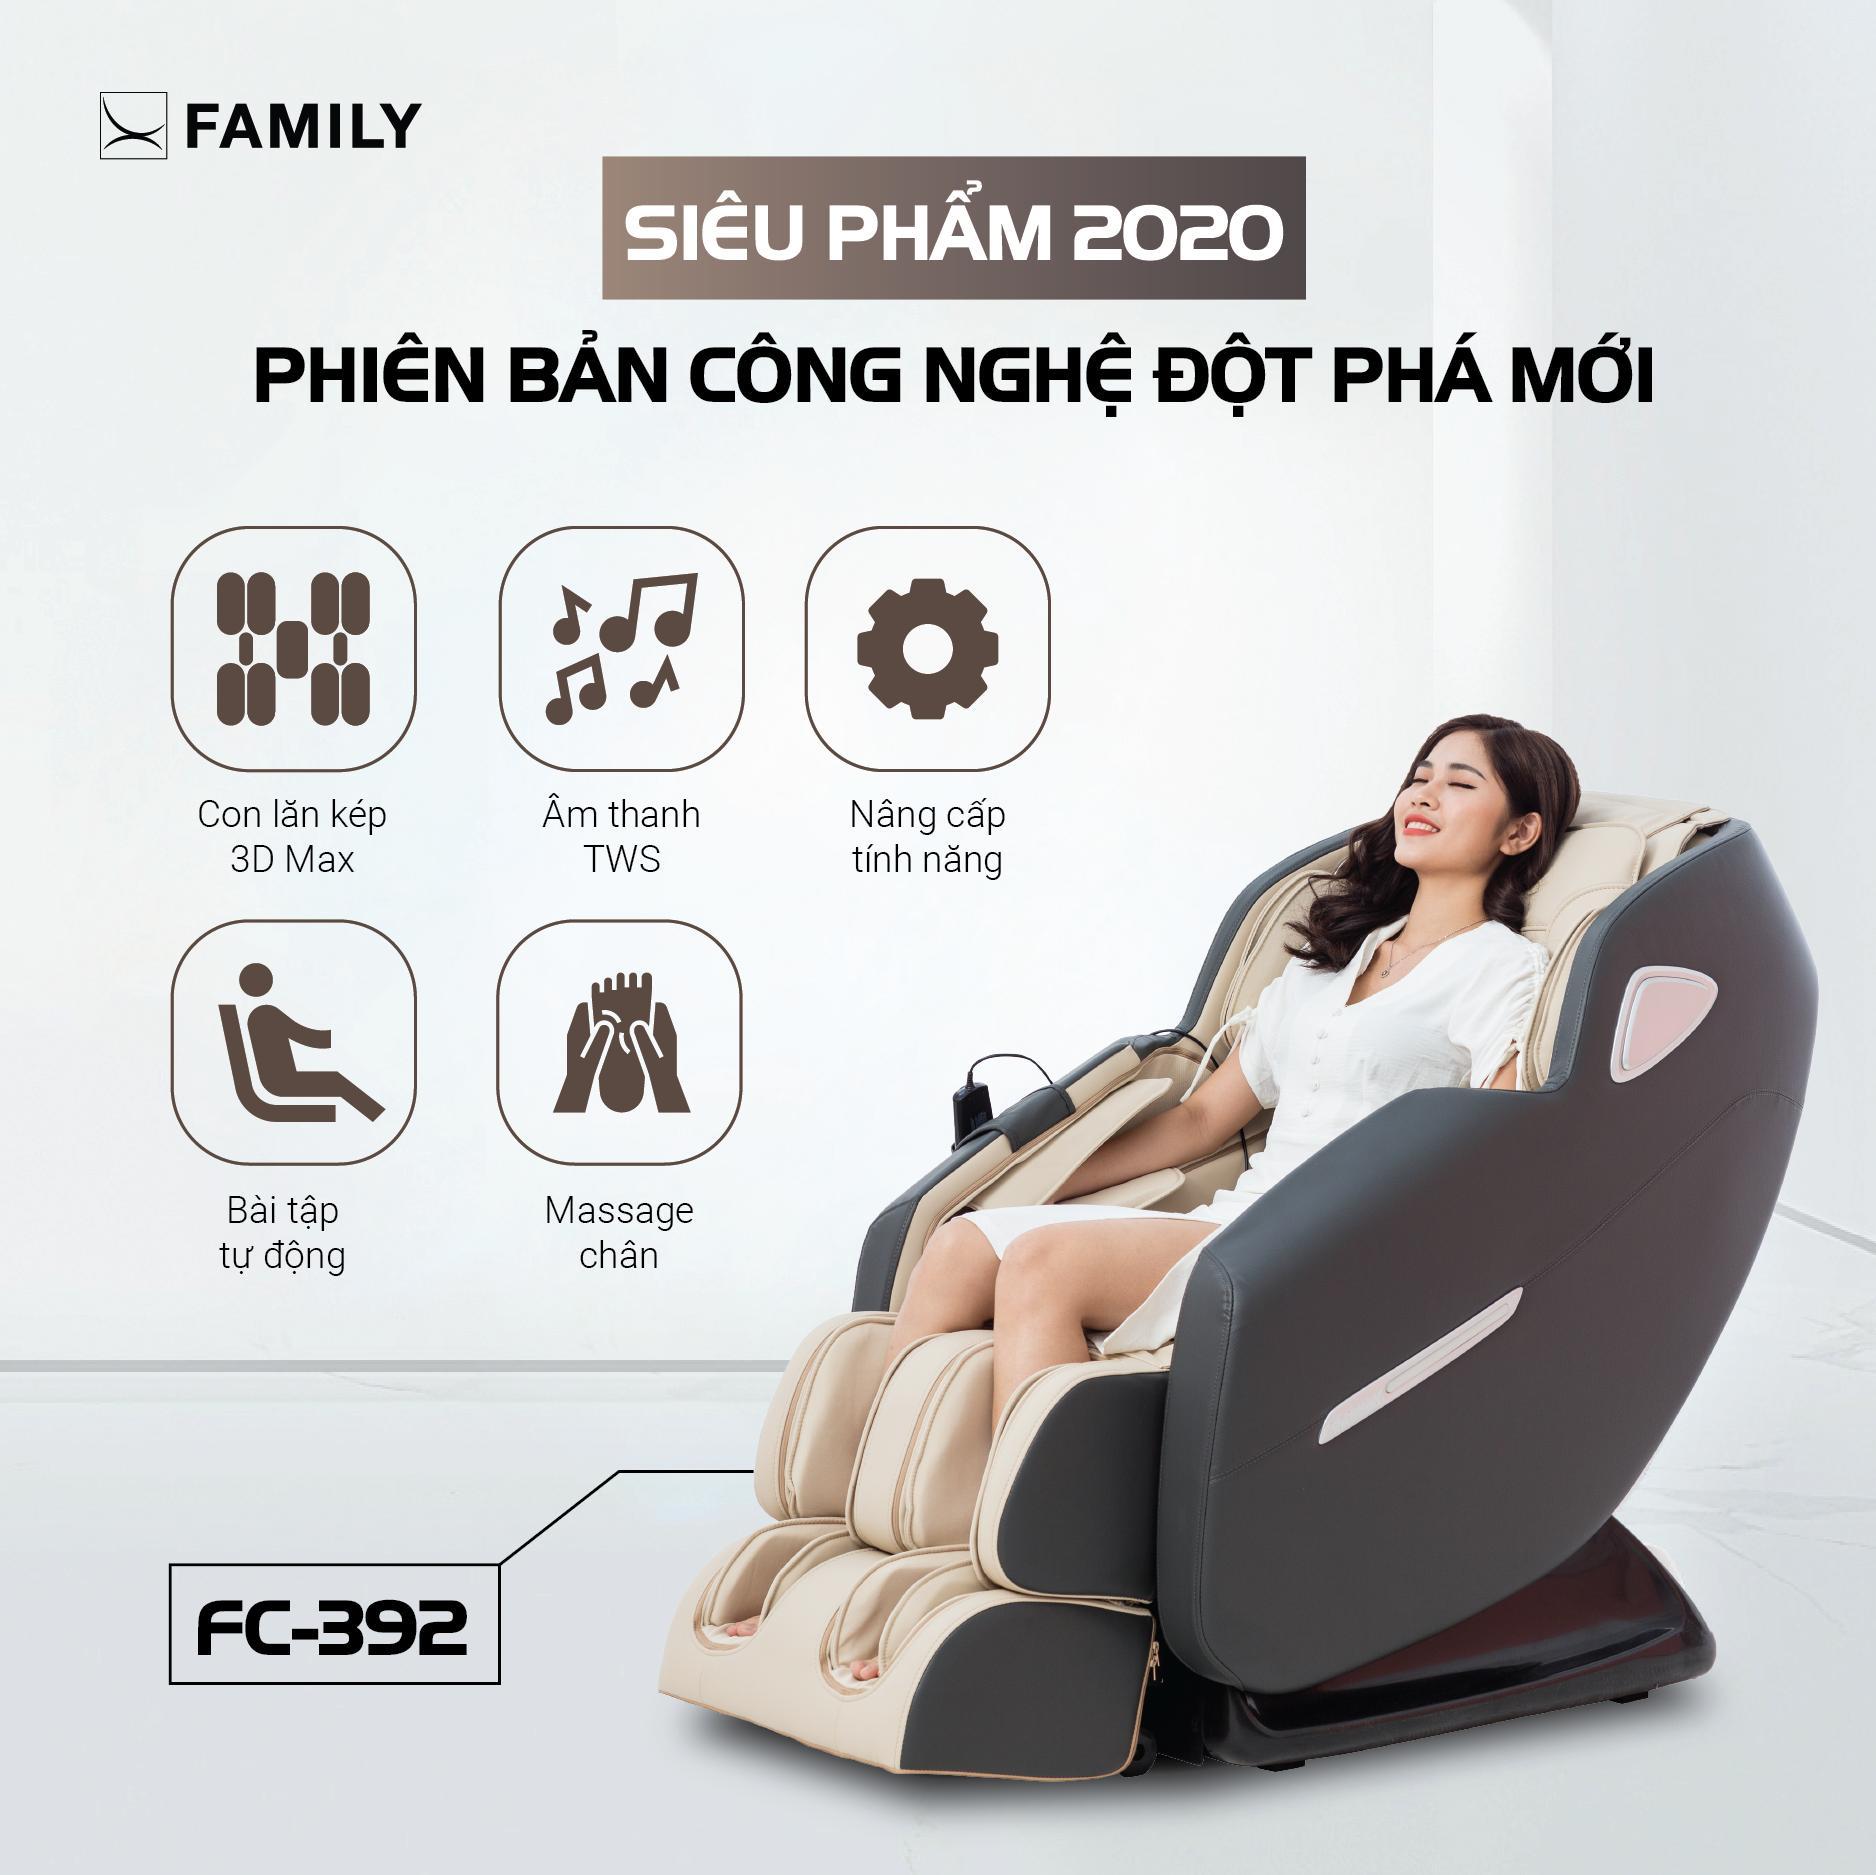 Dùng ghế massage cho người bị thoát vị đĩa đệm